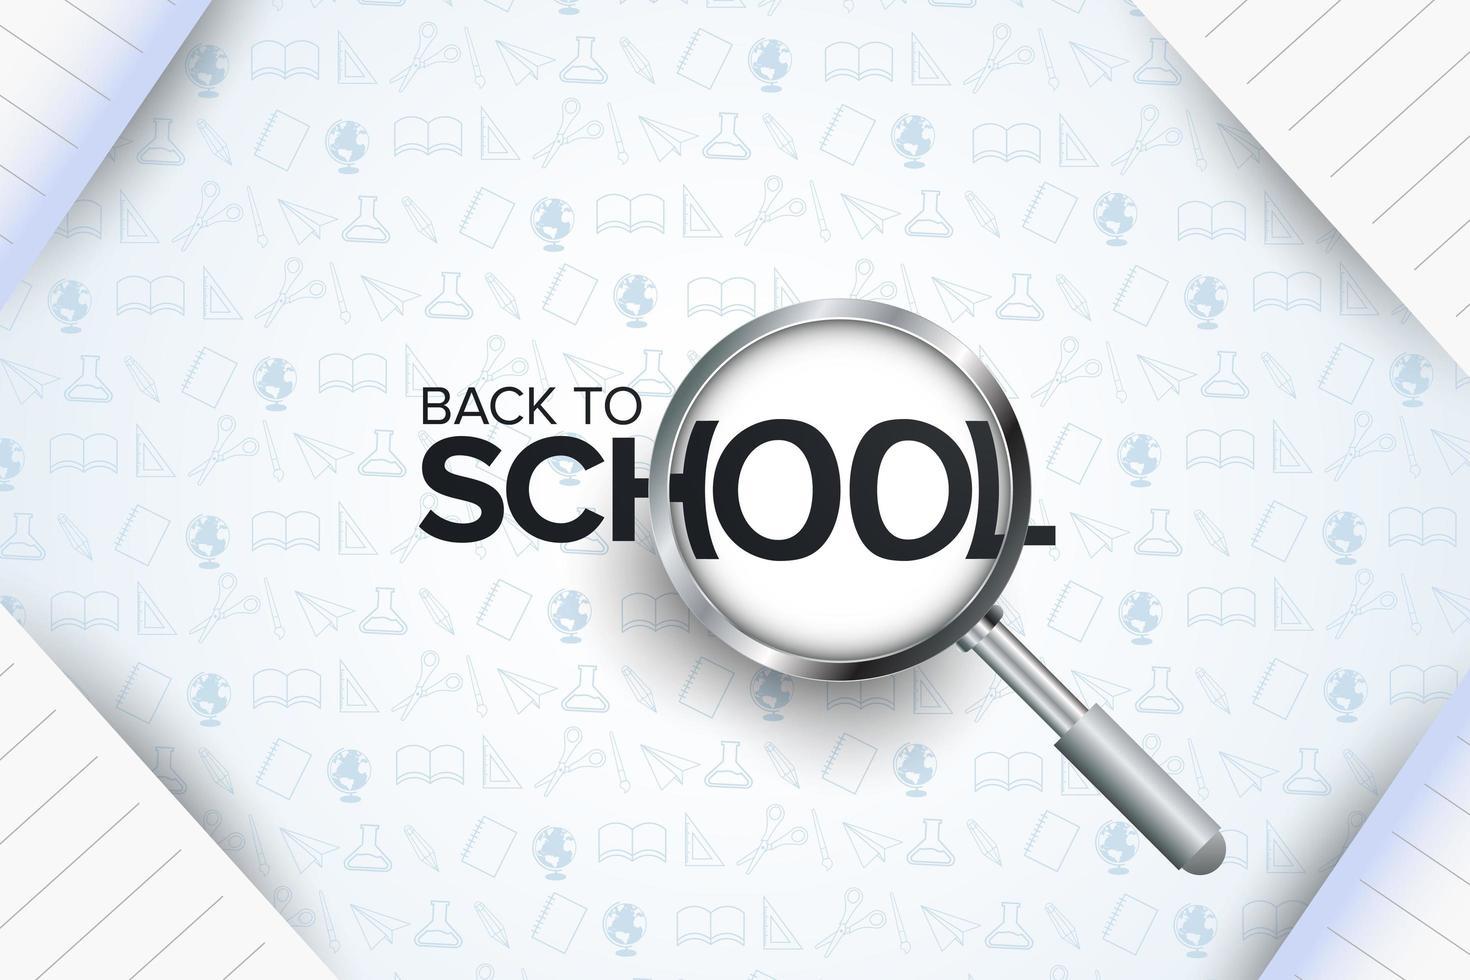 affiche de la rentrée scolaire avec loupe vecteur